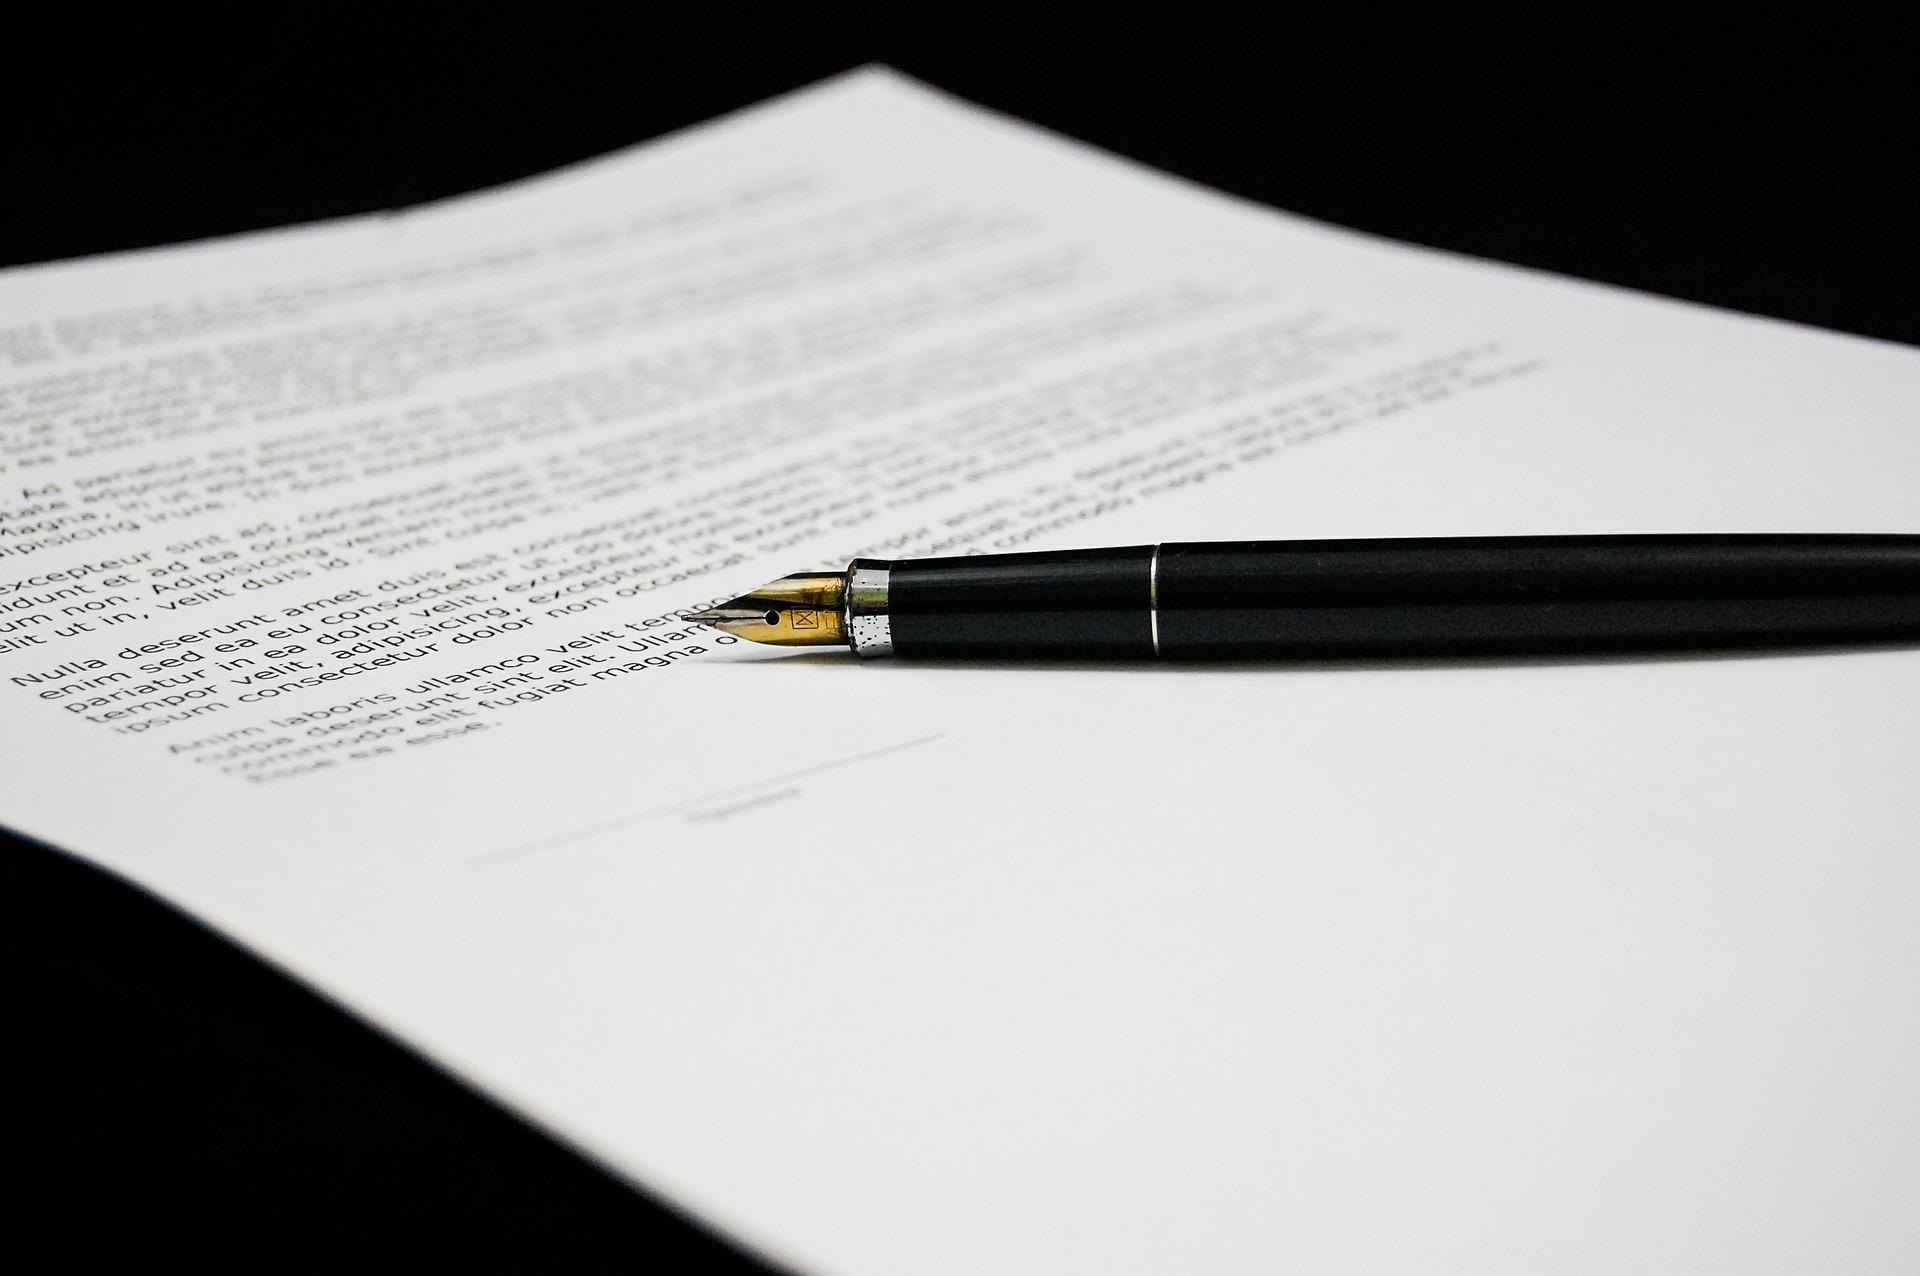 Overeenkomsten. Heb jij ook een concurrentiebeding in jouw arbeidsovereenkomst staan?